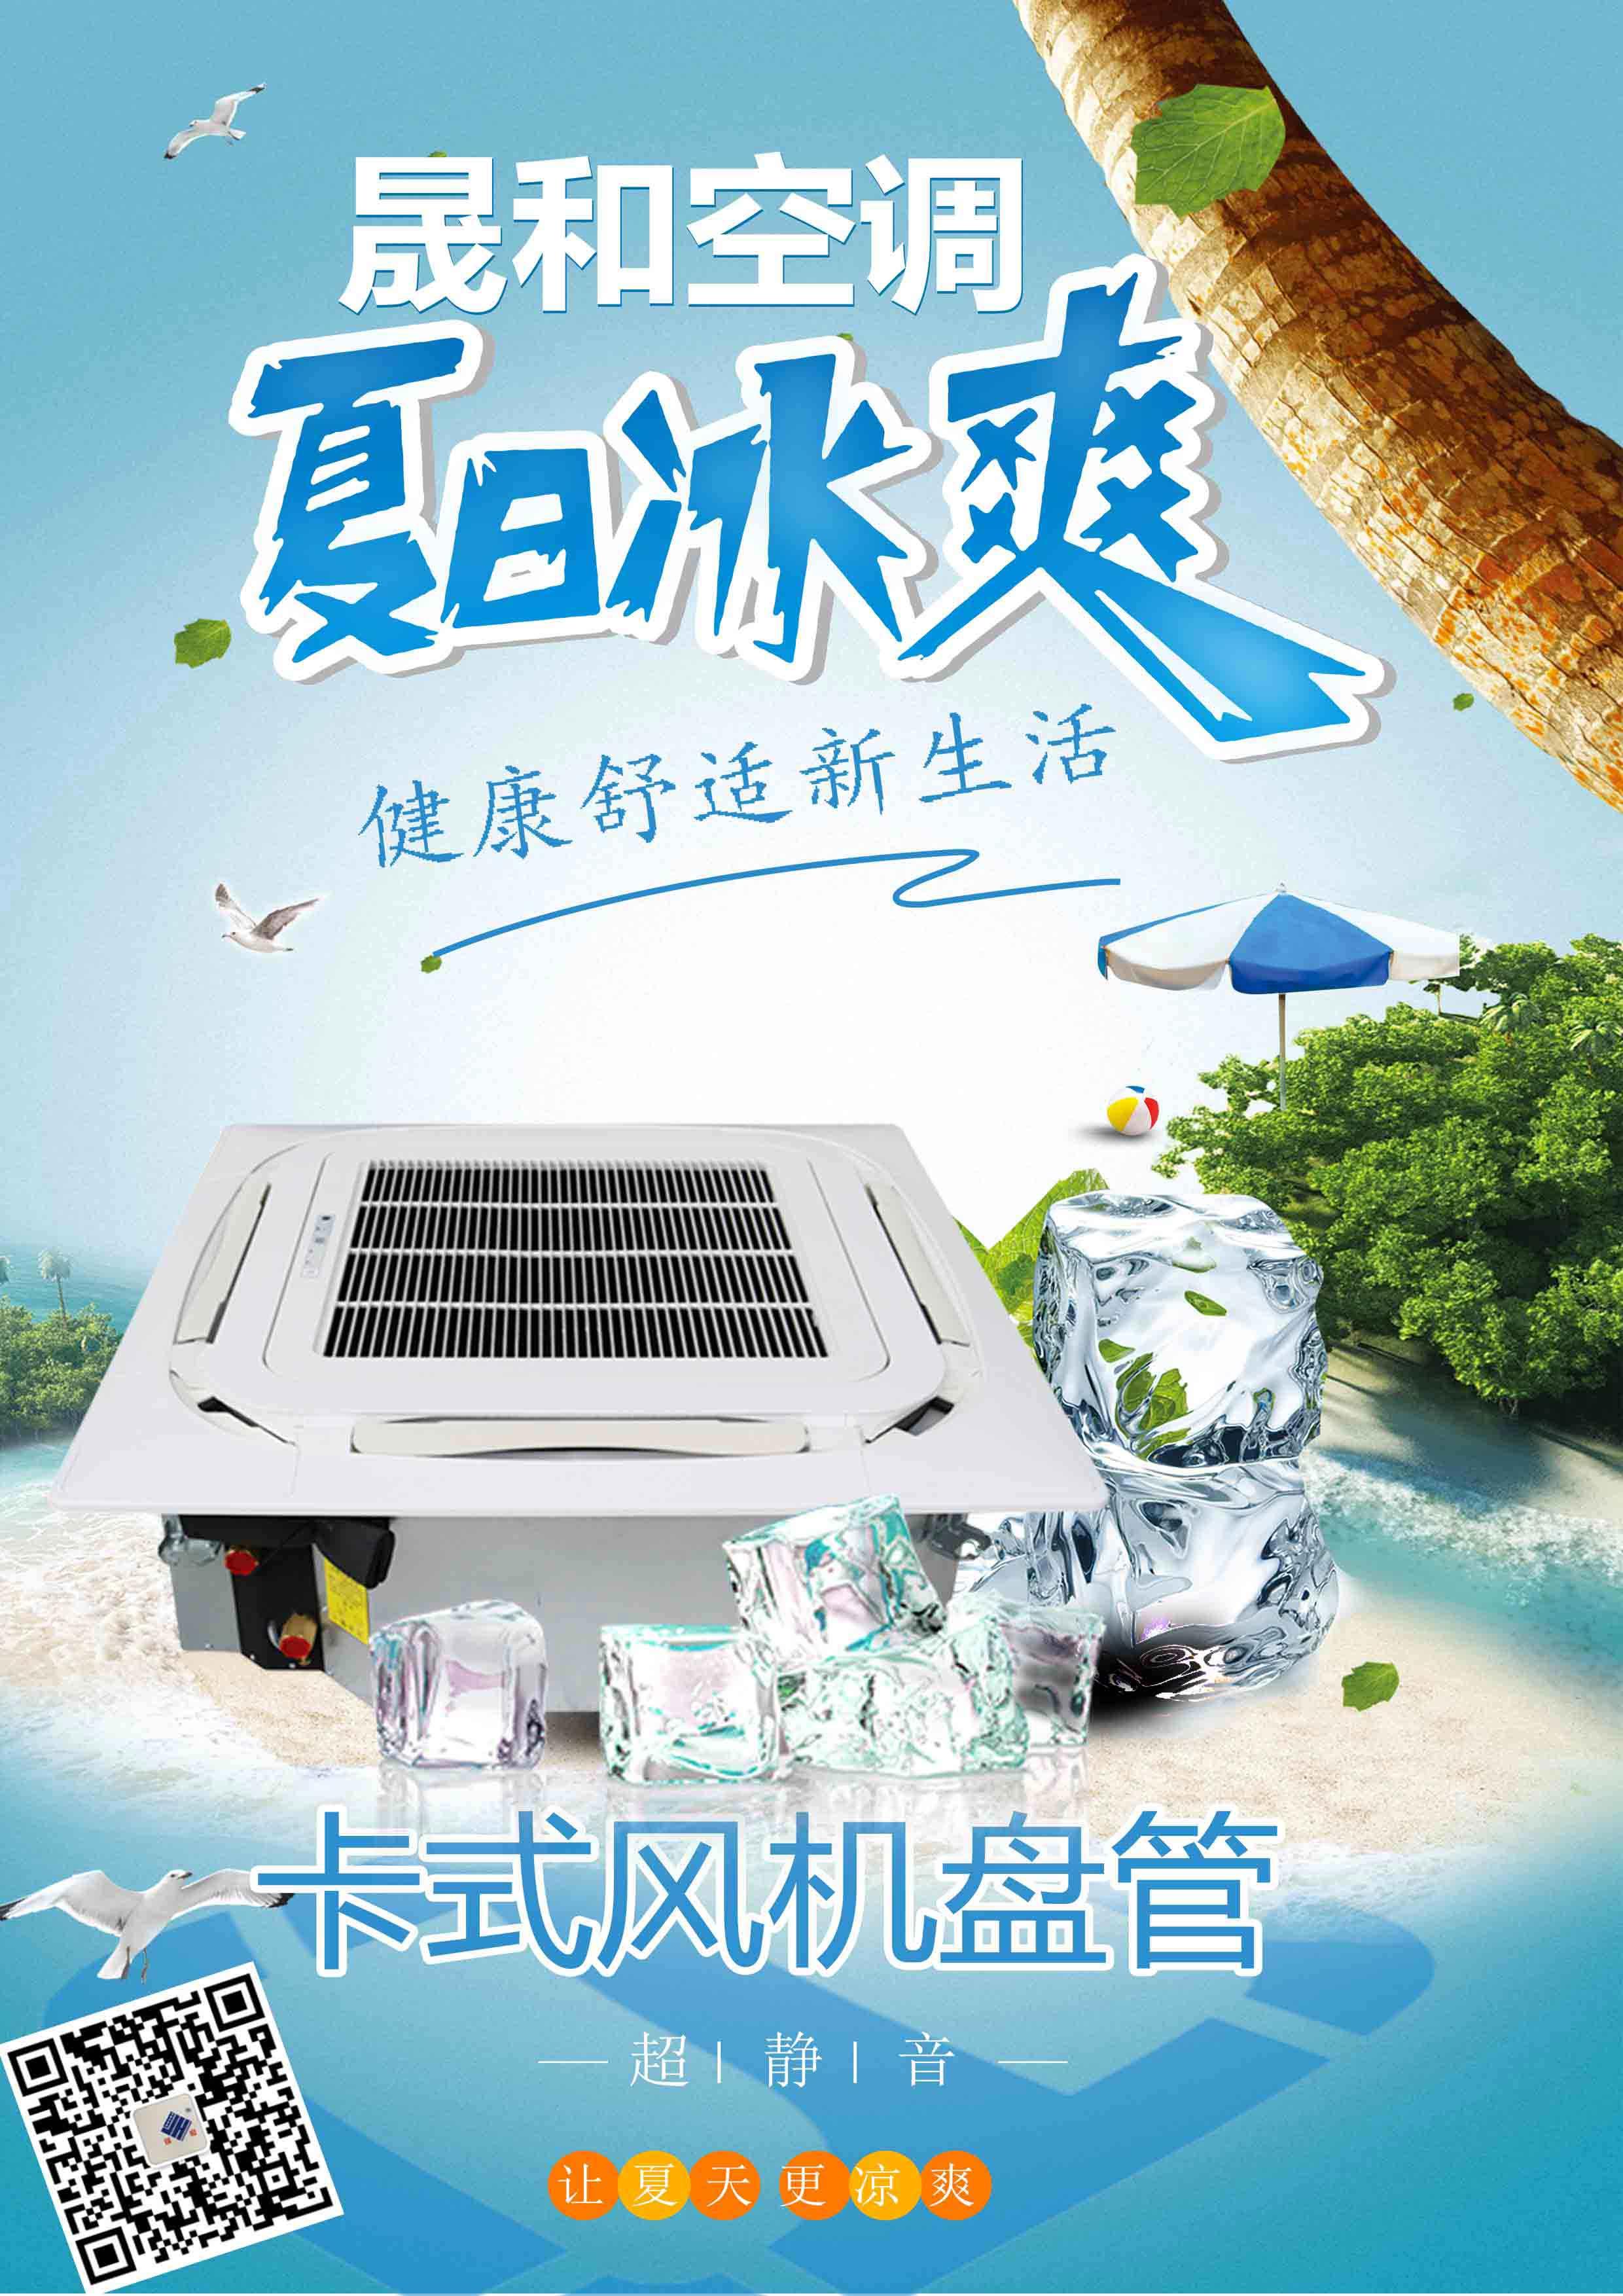 江蘇晟和空調卡式風機盤管夏日送涼爽